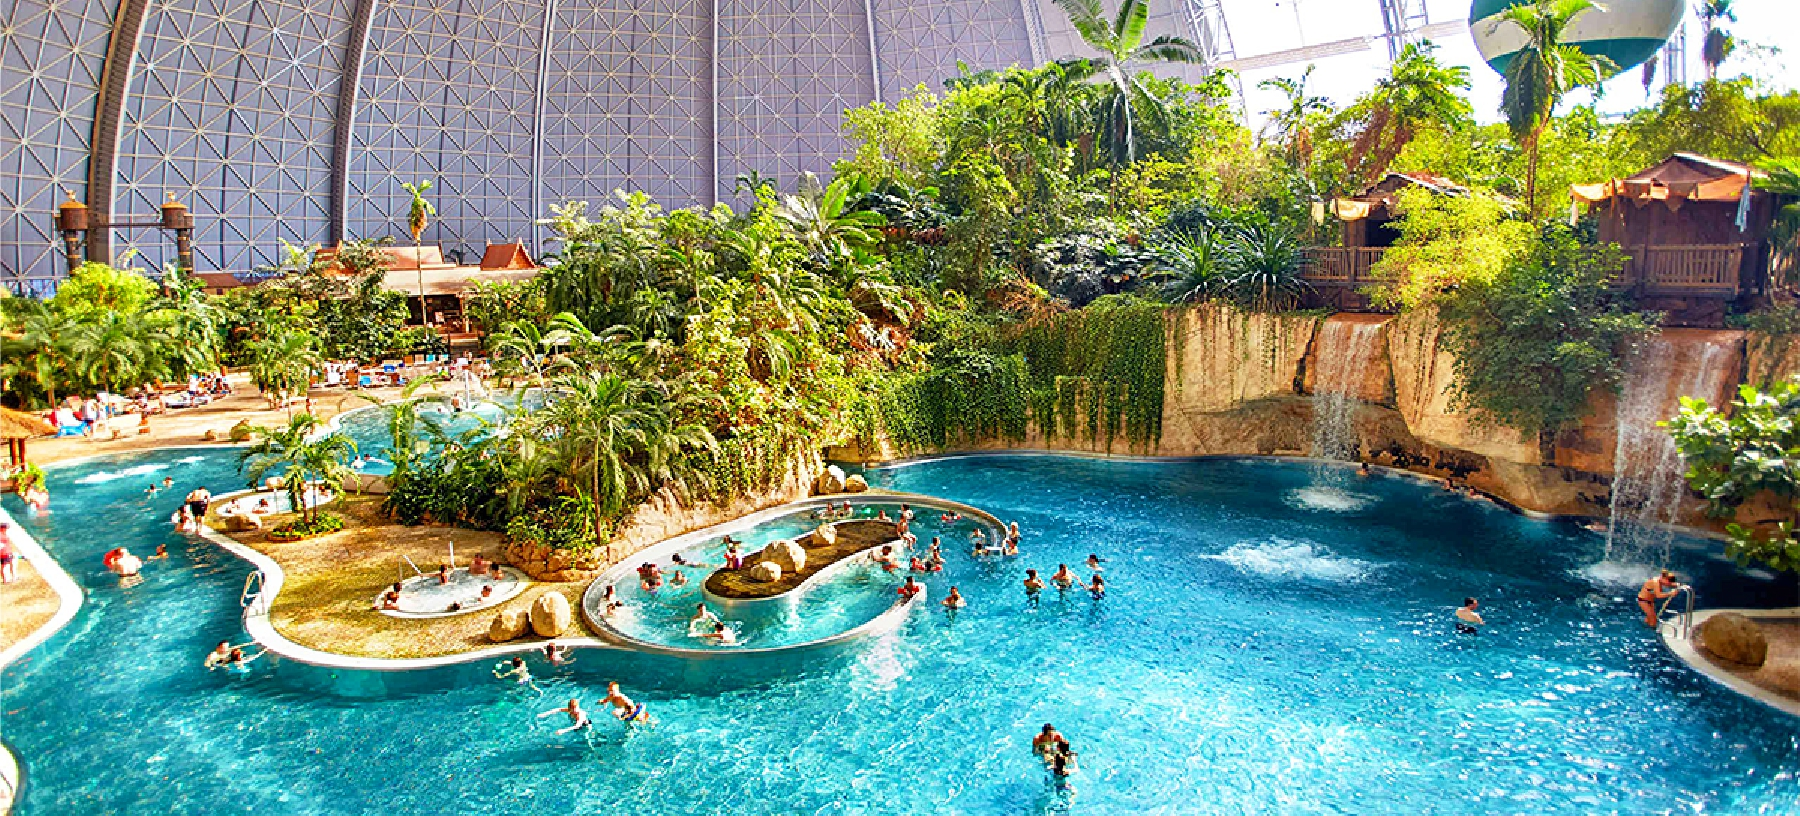 Celodenní zájezd do Tropical Islands vč. vstupenky